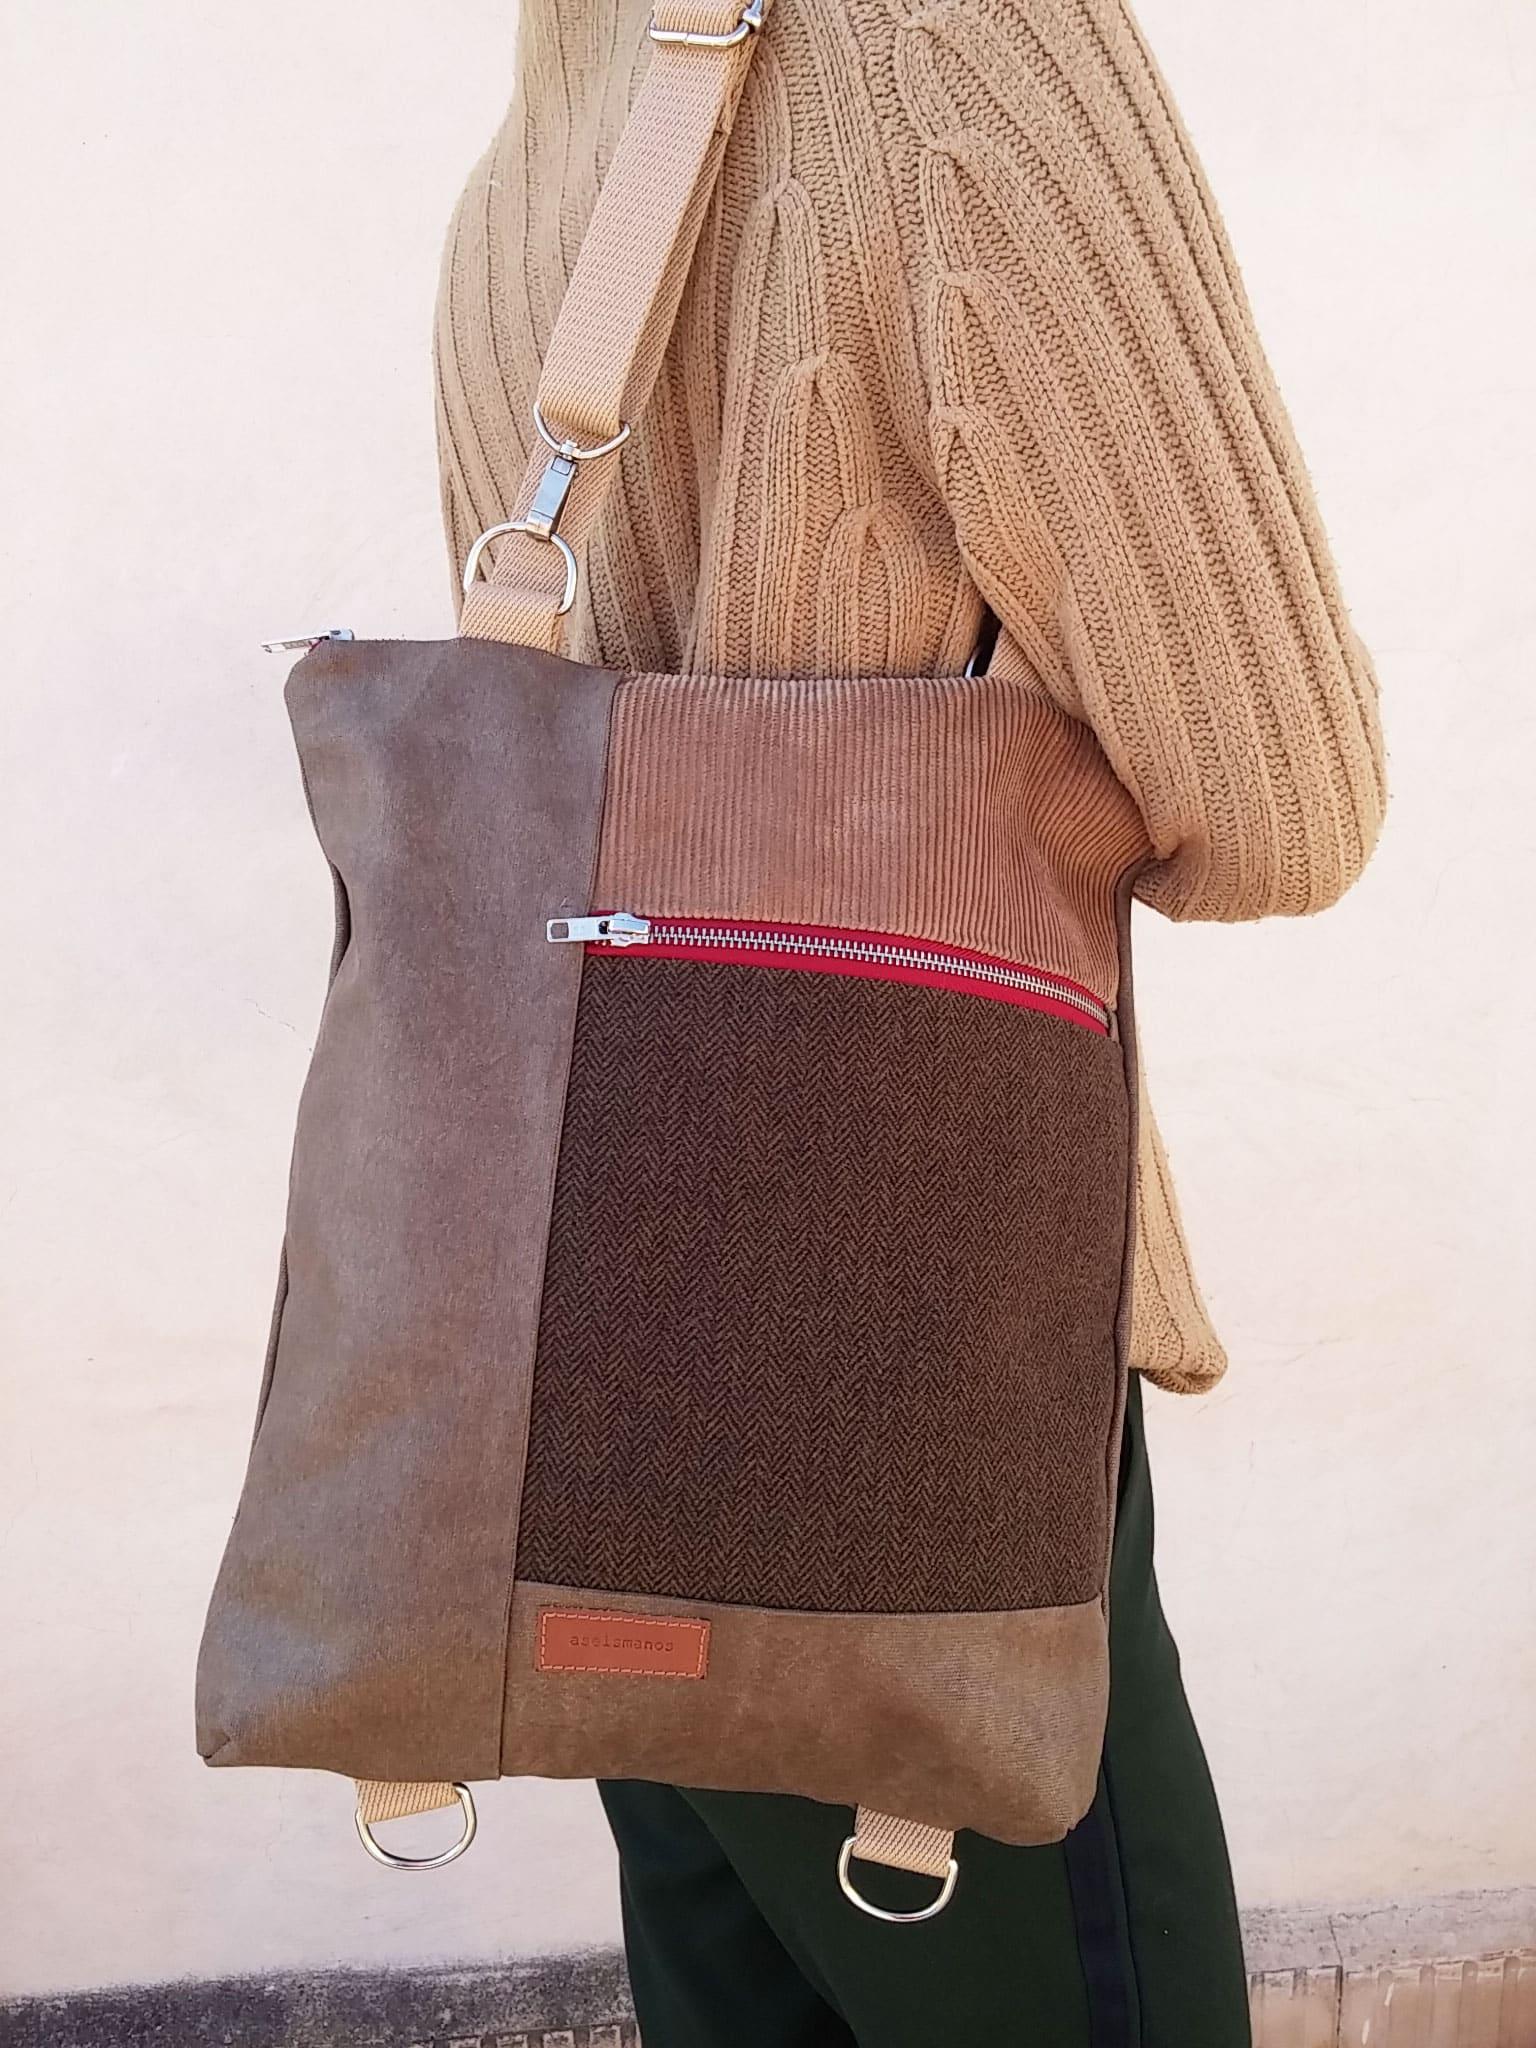 worn as a shoulder bag